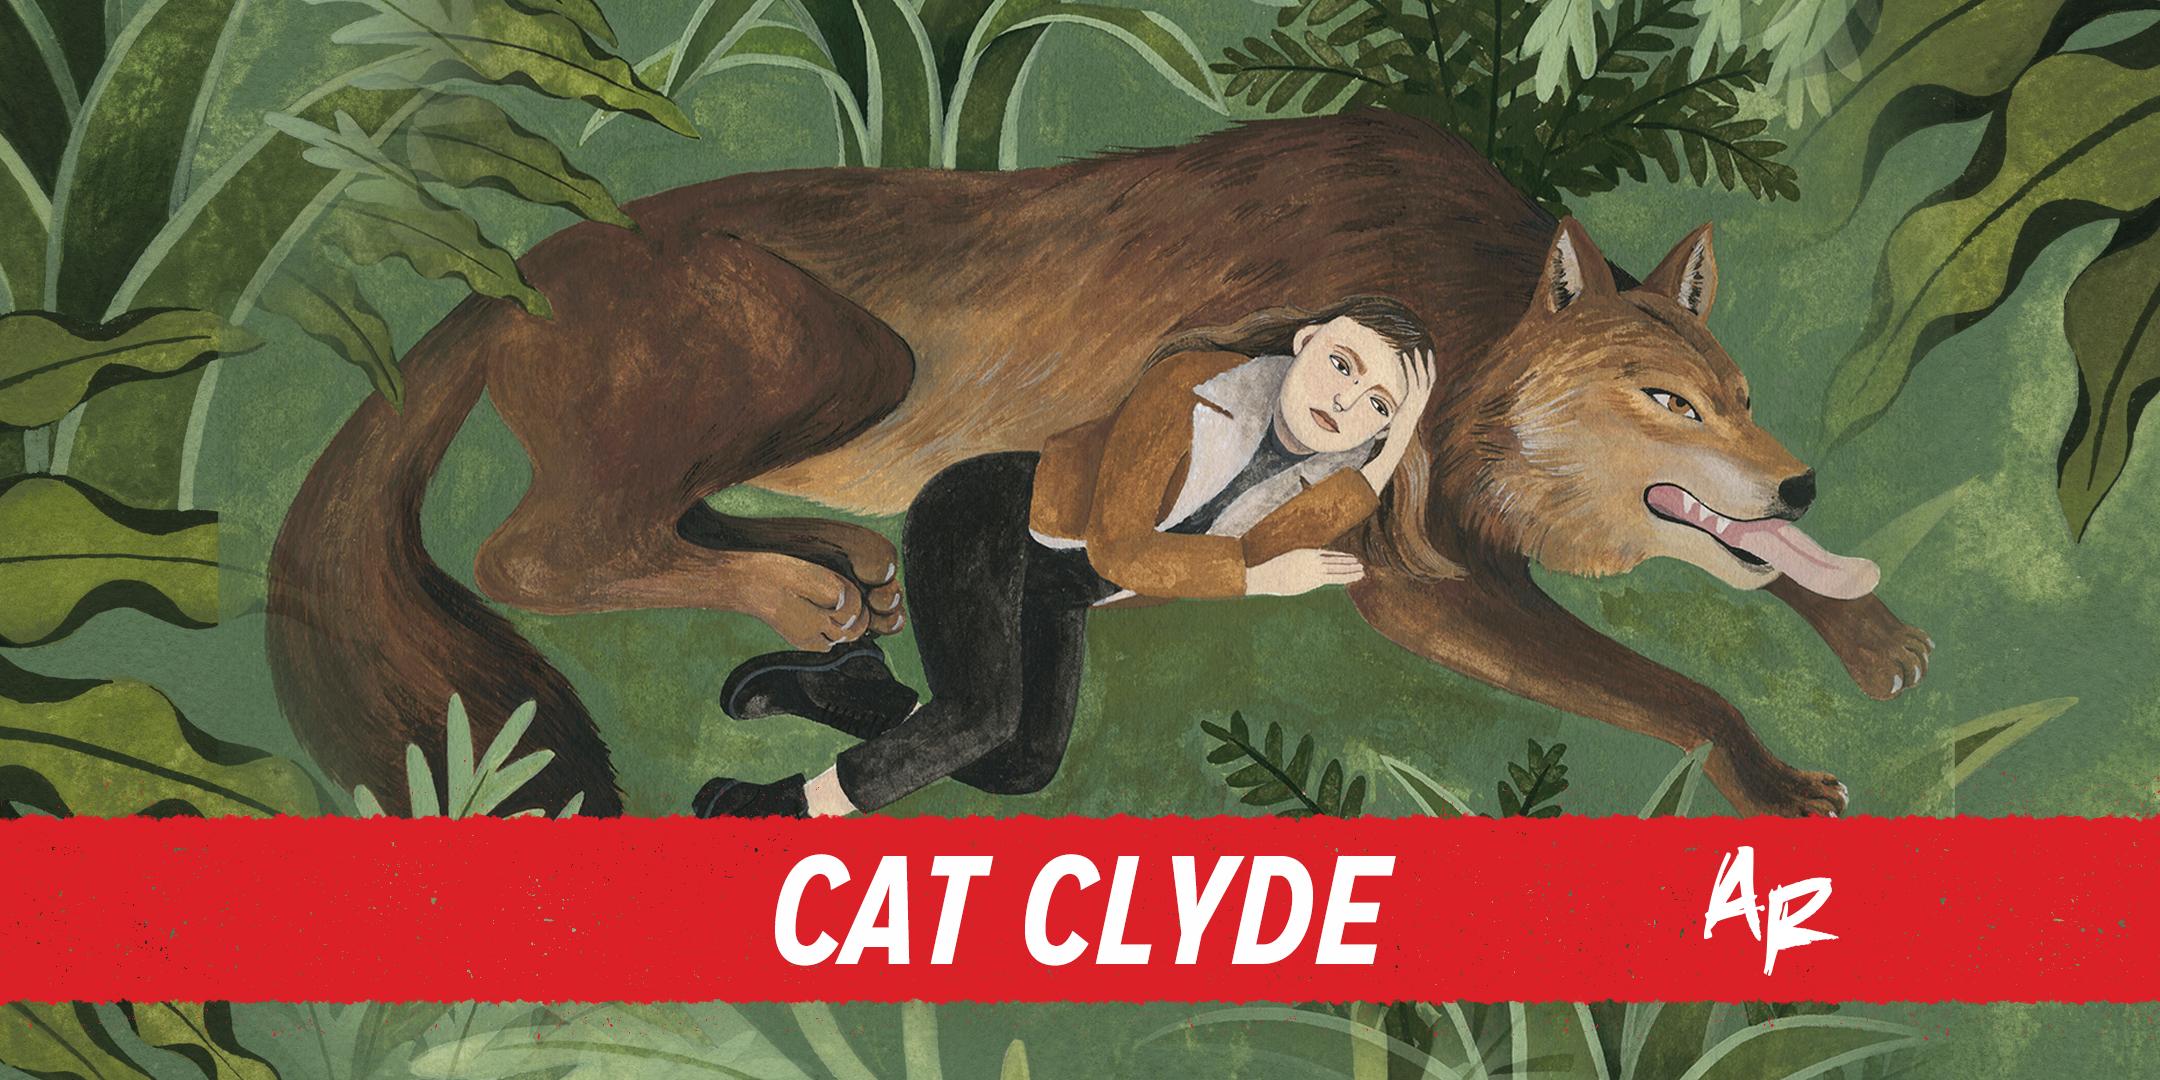 CatClydeBanner.jpg